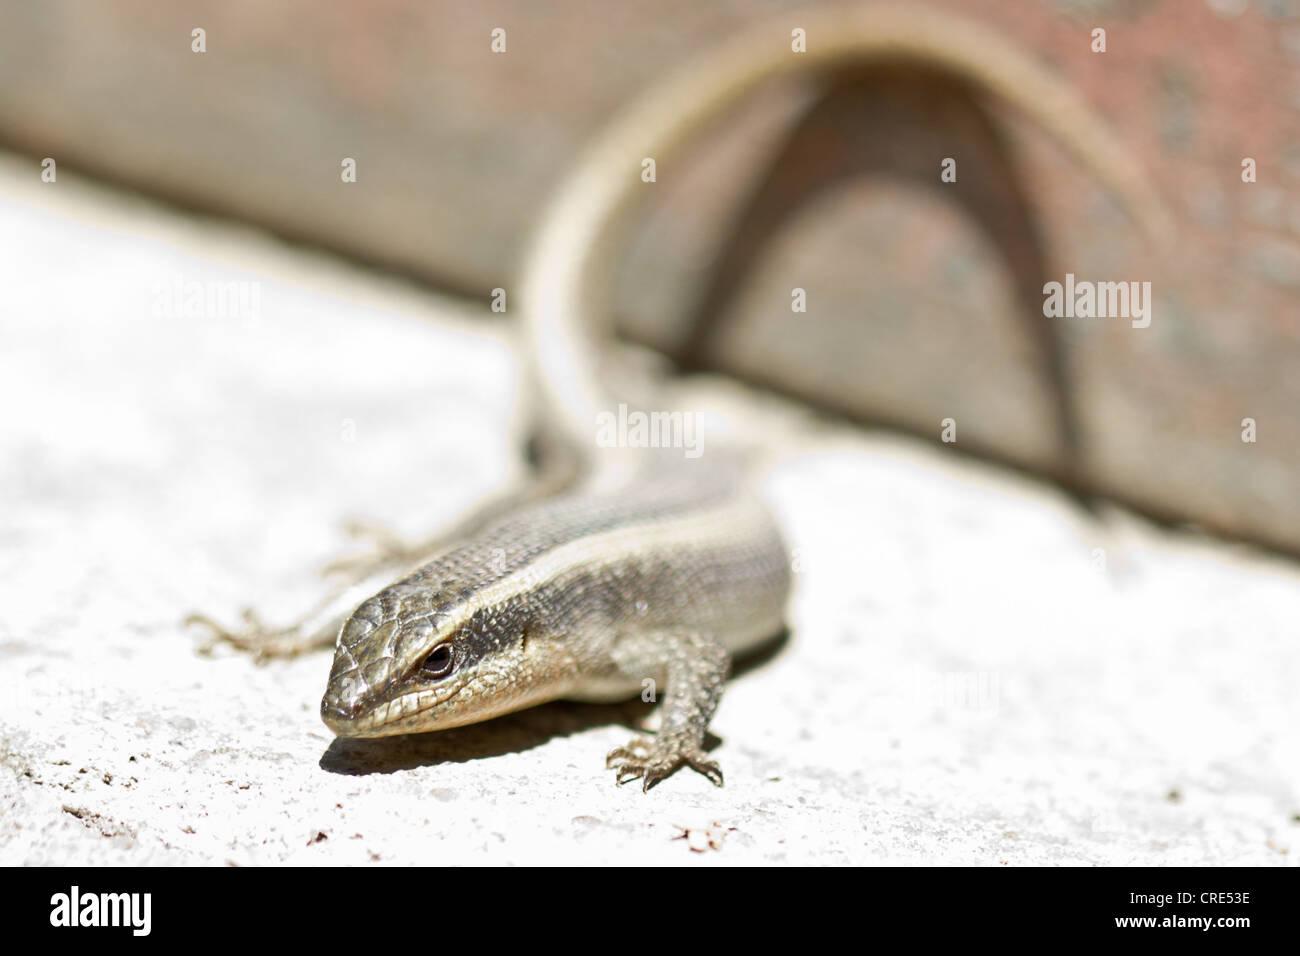 Closeup Aufnahme einer Eidechse auf einen heißen und trockenen Platz Stockfoto